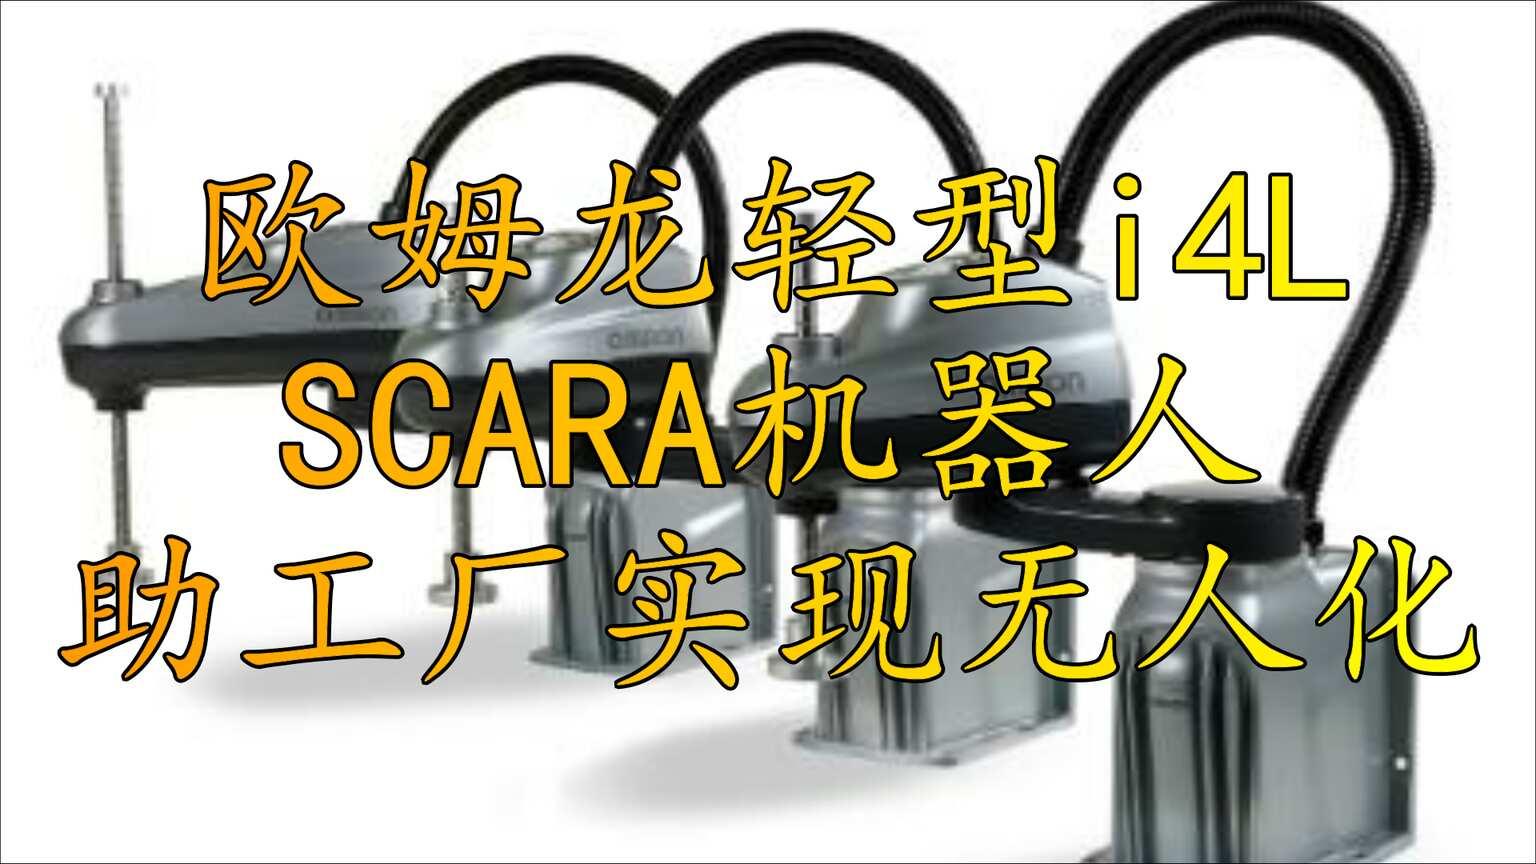 欧姆龙轻型i4L系列SCARA机器人,助力工厂实现无人化